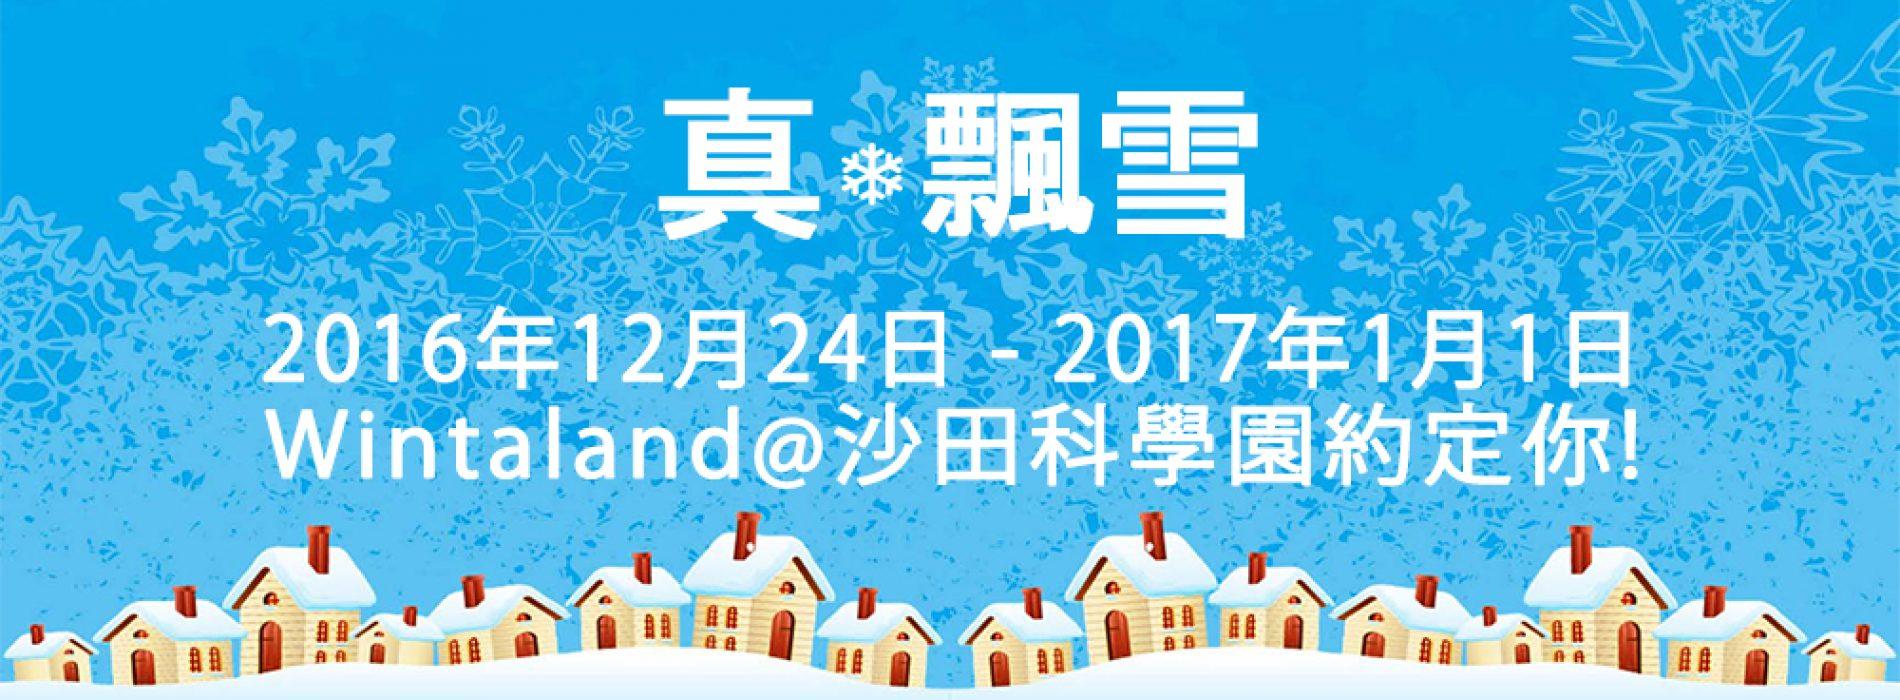 「Wintaland真.飄雪嘉年華」.玩轉科學園![24/12/2016-1/1/2017]